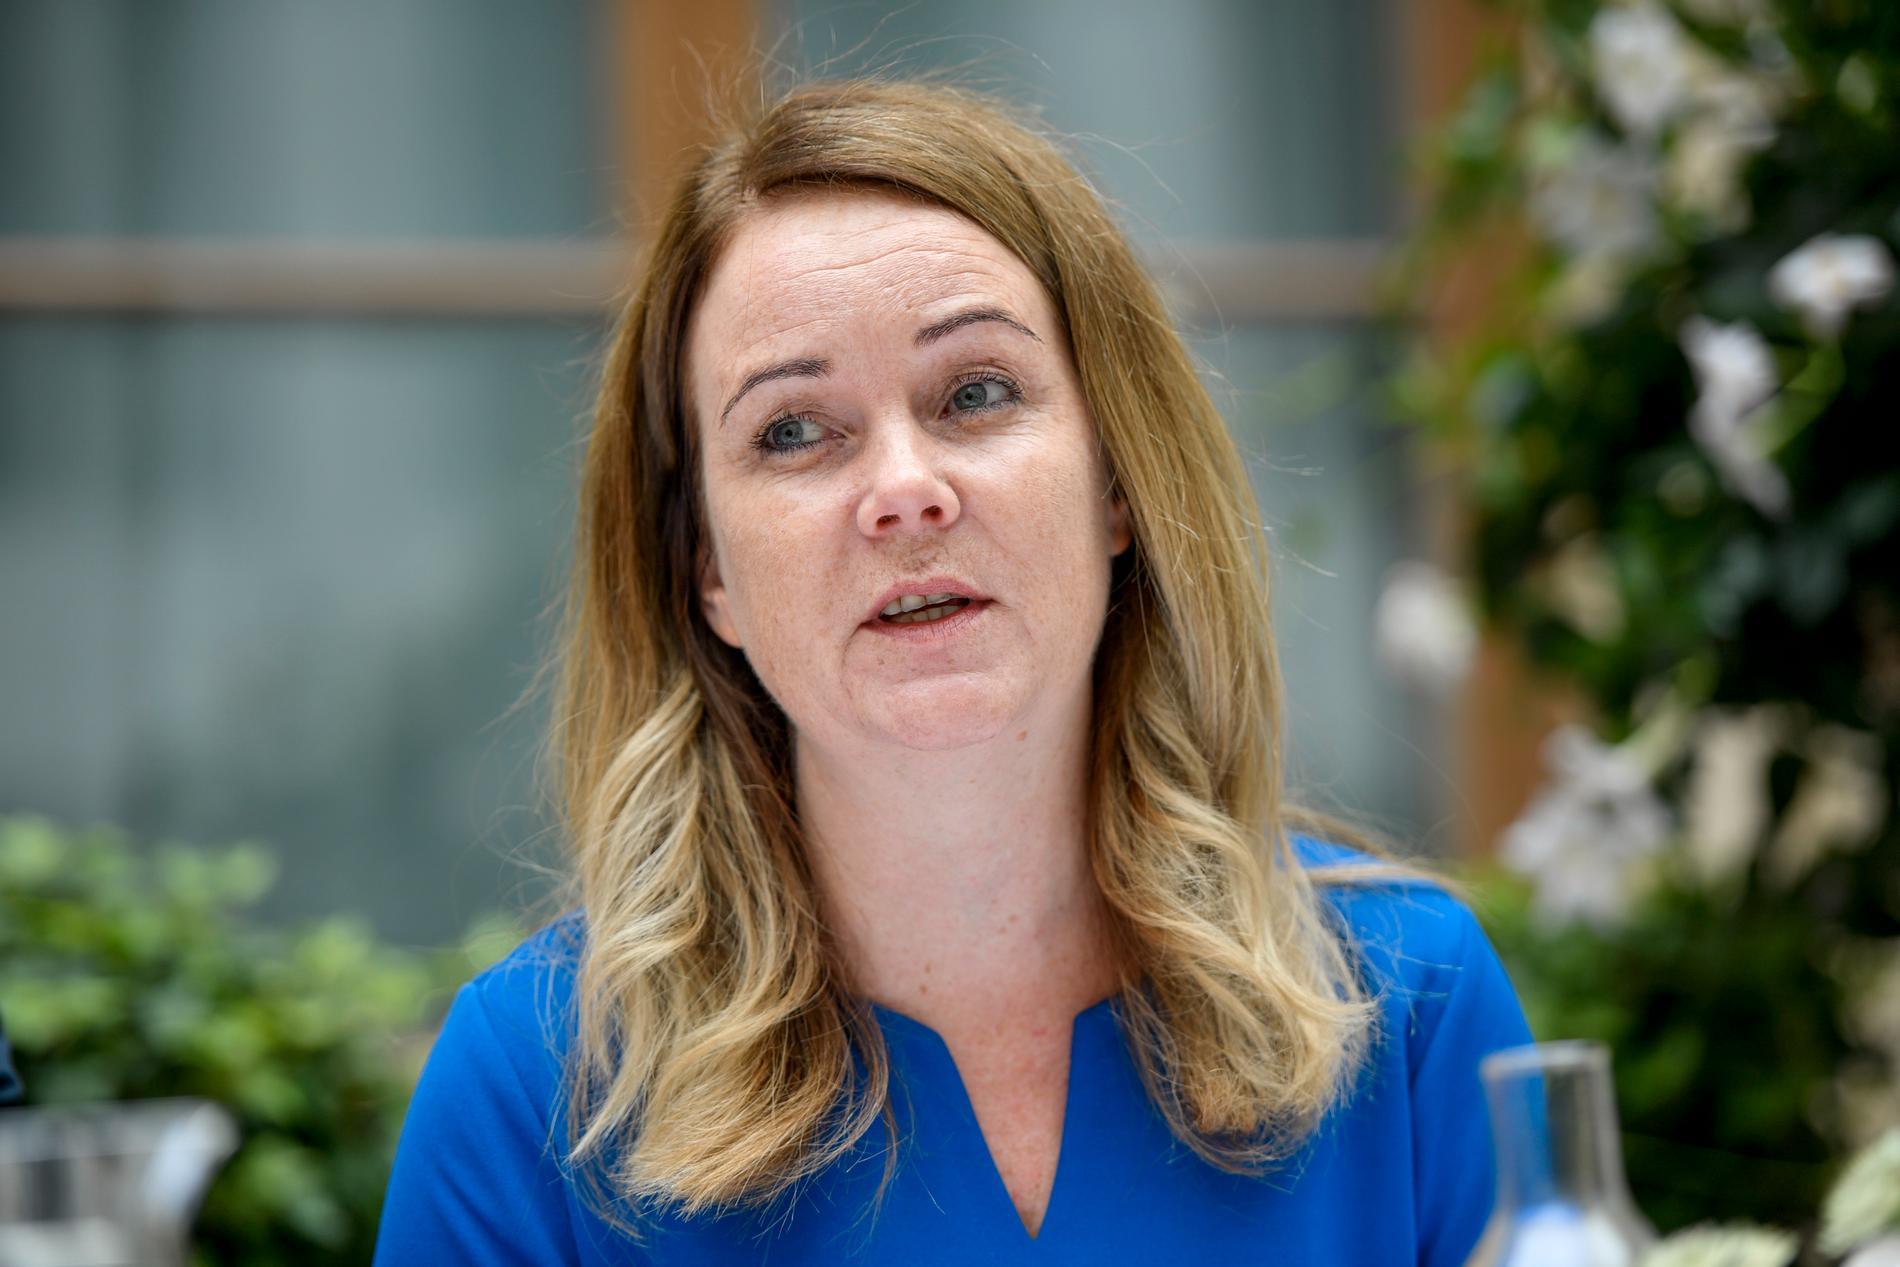 Landsbygdsminister Jennie Nilsson (S) vill städa upp i Jordbruksverkets ekonomiska hantering, bland annat efter en prognosmiss på 900 miljoner. Arkivbild.